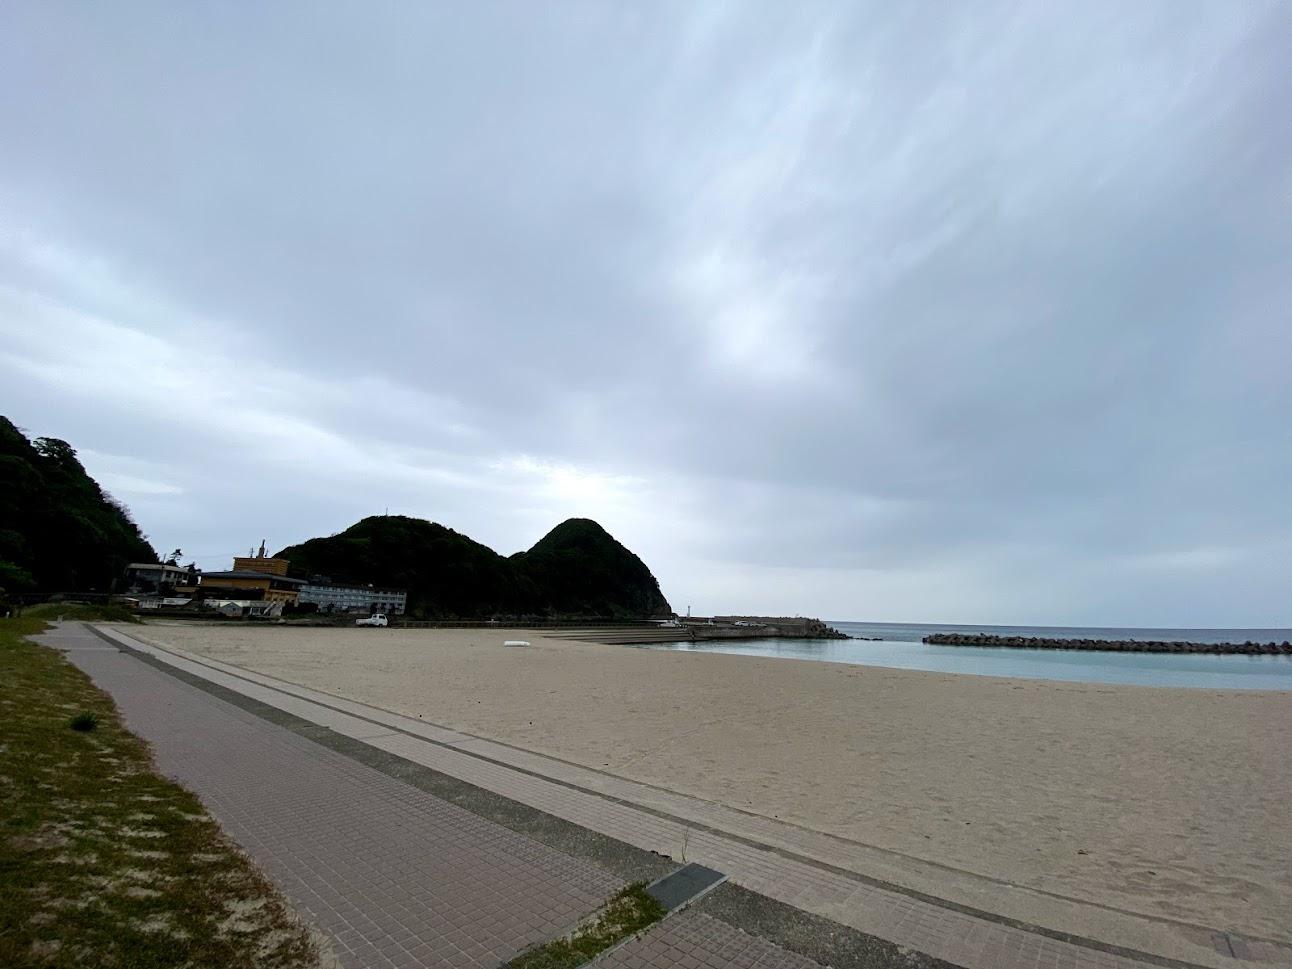 竹野浜と猫崎半島